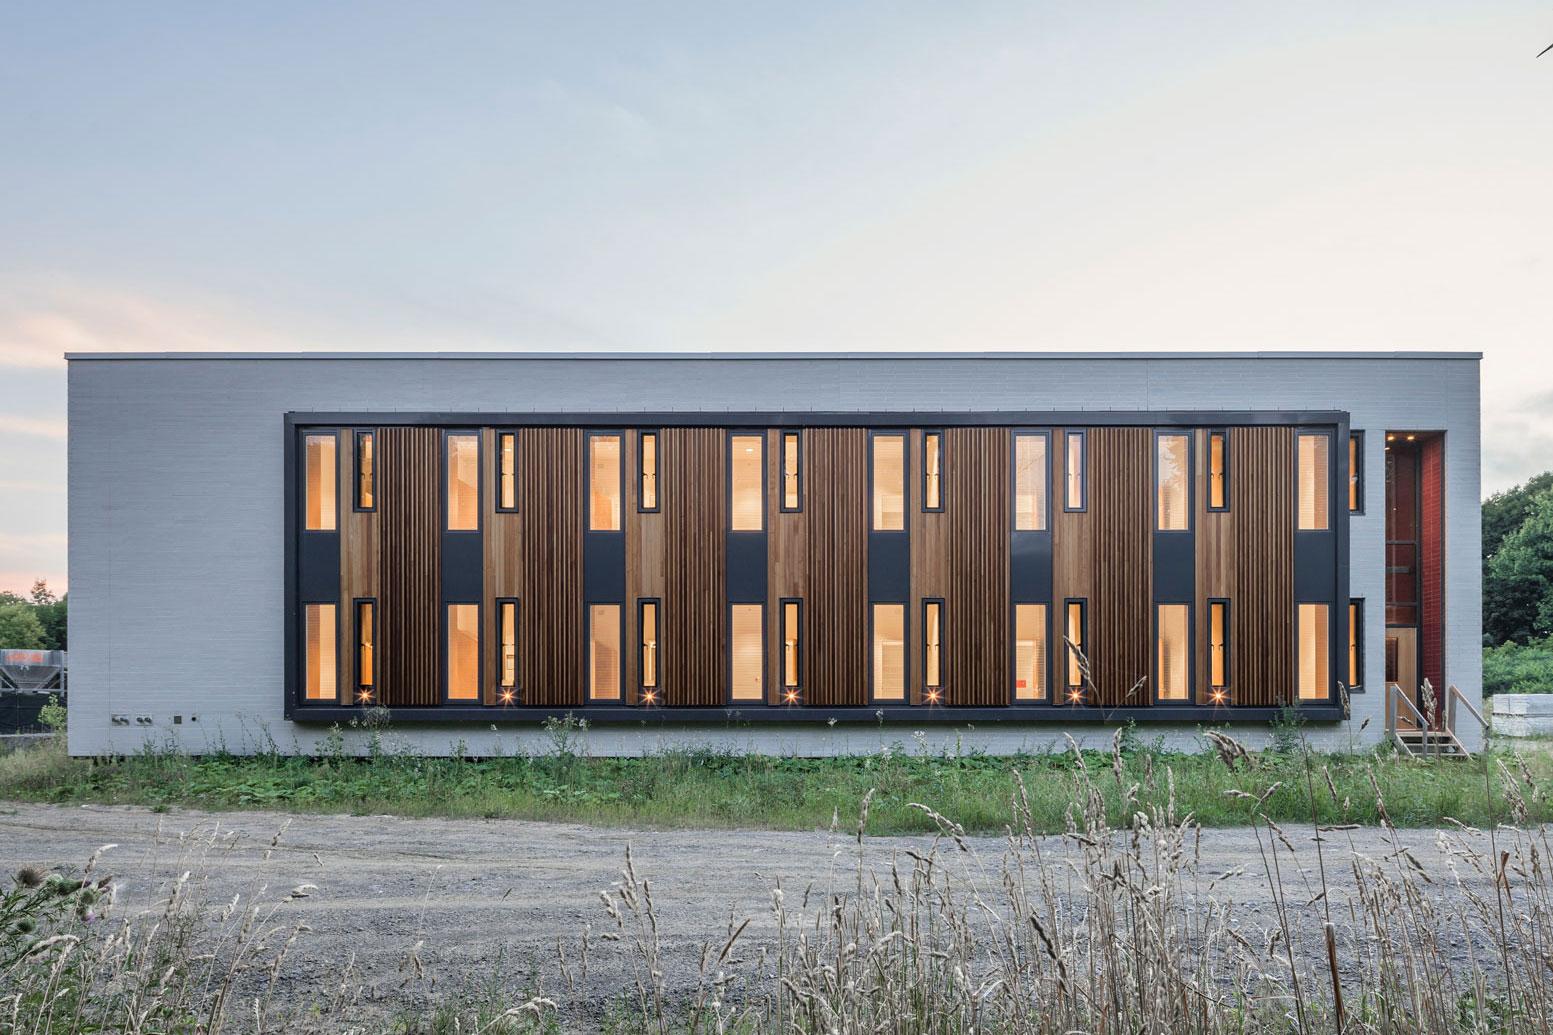 <<<<< BACK  Centre de la jeunesse et la famille Batshaw -  STOA architecture  Documentation chantier - aout 2016 © Raphaël Thibodeau